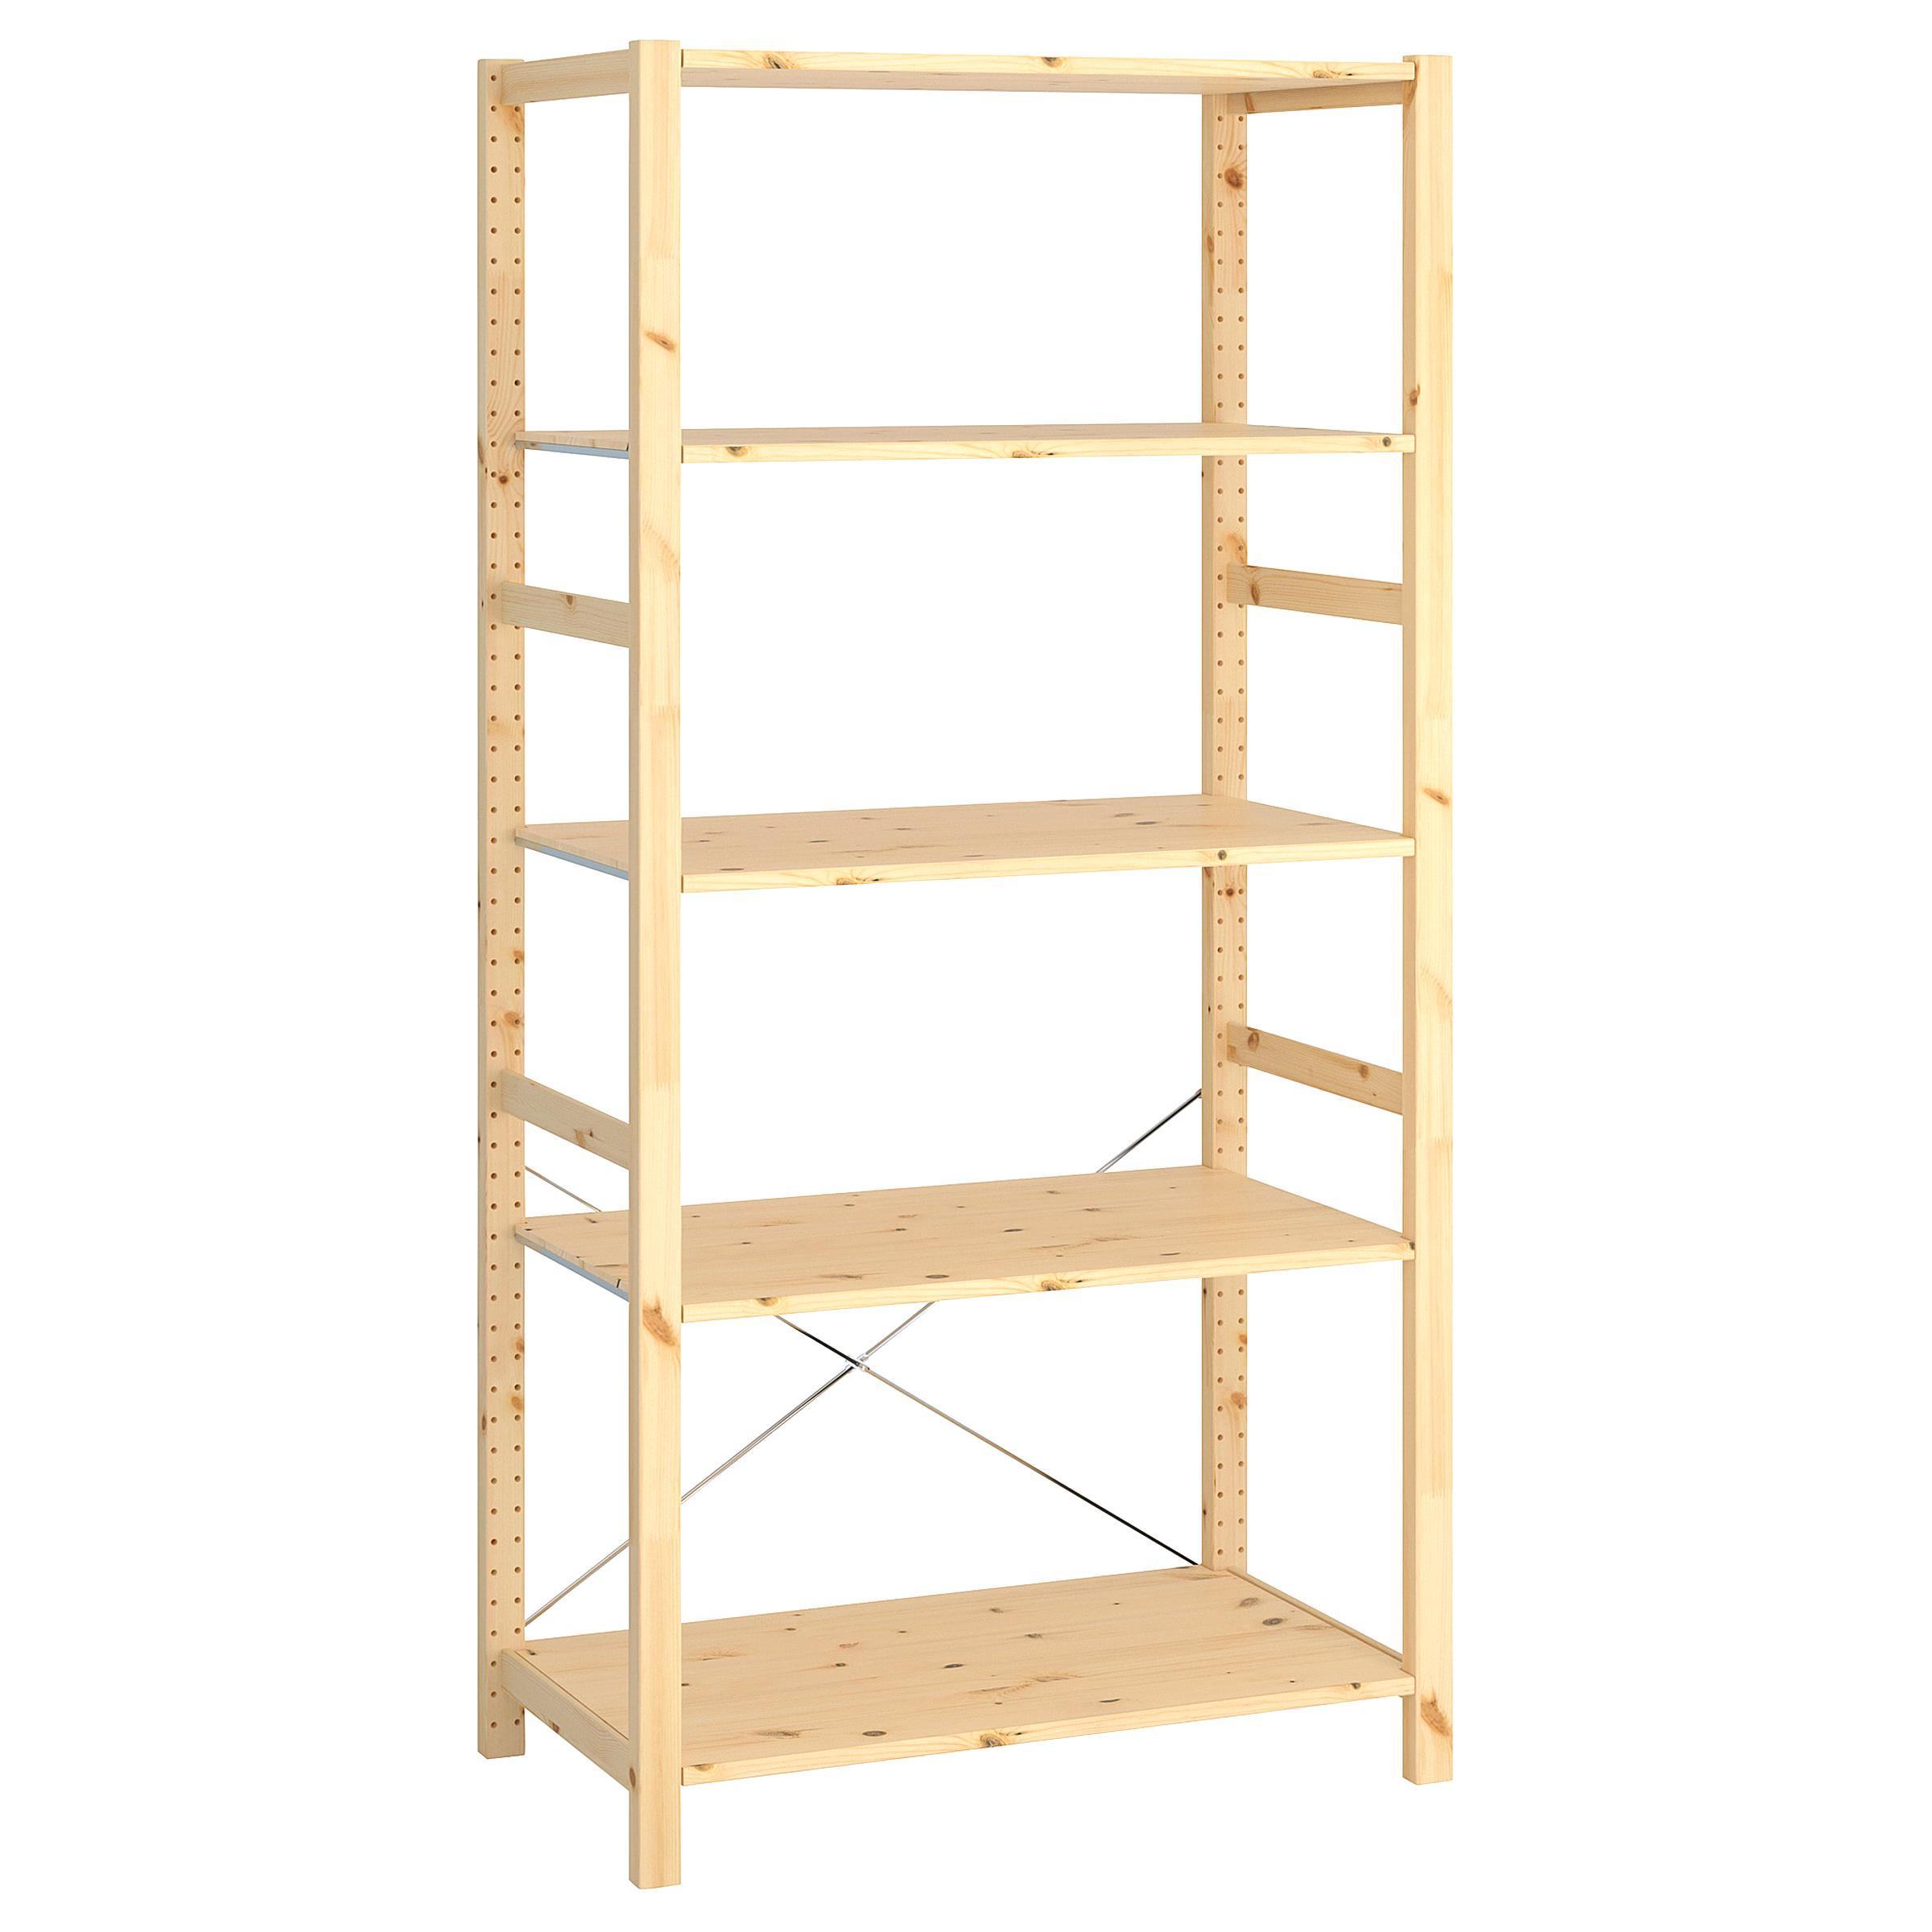 Full Size of Holzregal Ikea Gebraucht Kaufen Nur 4 St Bis 75 Gnstiger Küche Kosten Betten 160x200 Miniküche Hängeregal Bei Modulküche Sofa Mit Schlaffunktion Wohnzimmer Ikea Hängeregal